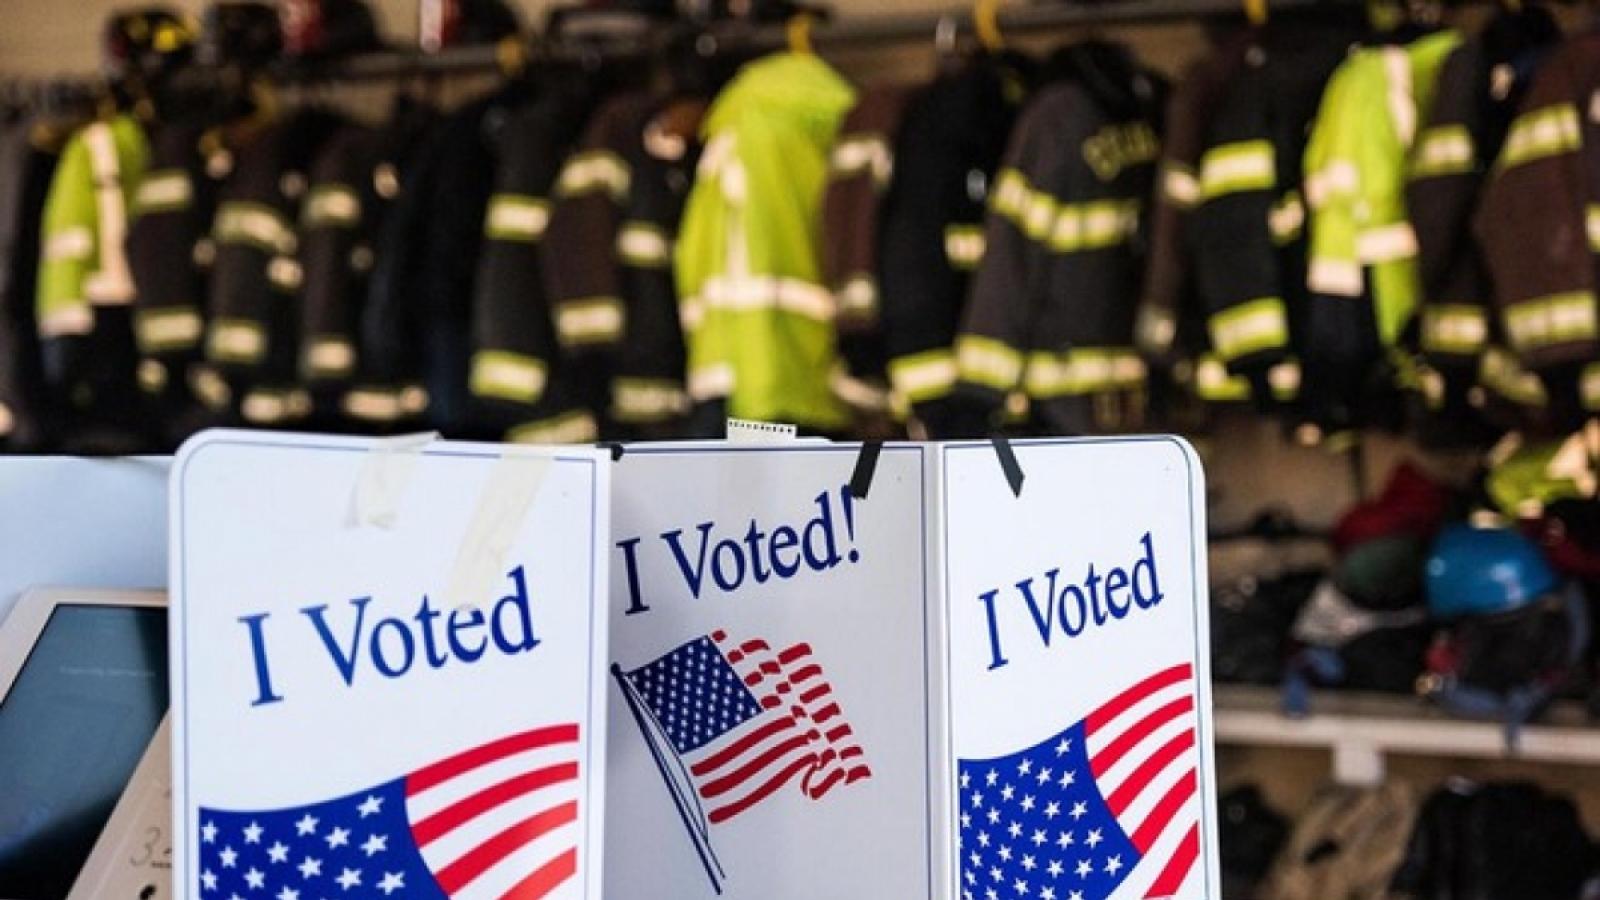 Bộ Tư pháp Mỹ điều tra nội bộ về nỗ lực đảo ngược cuộc bầu cử tổng thống 2020